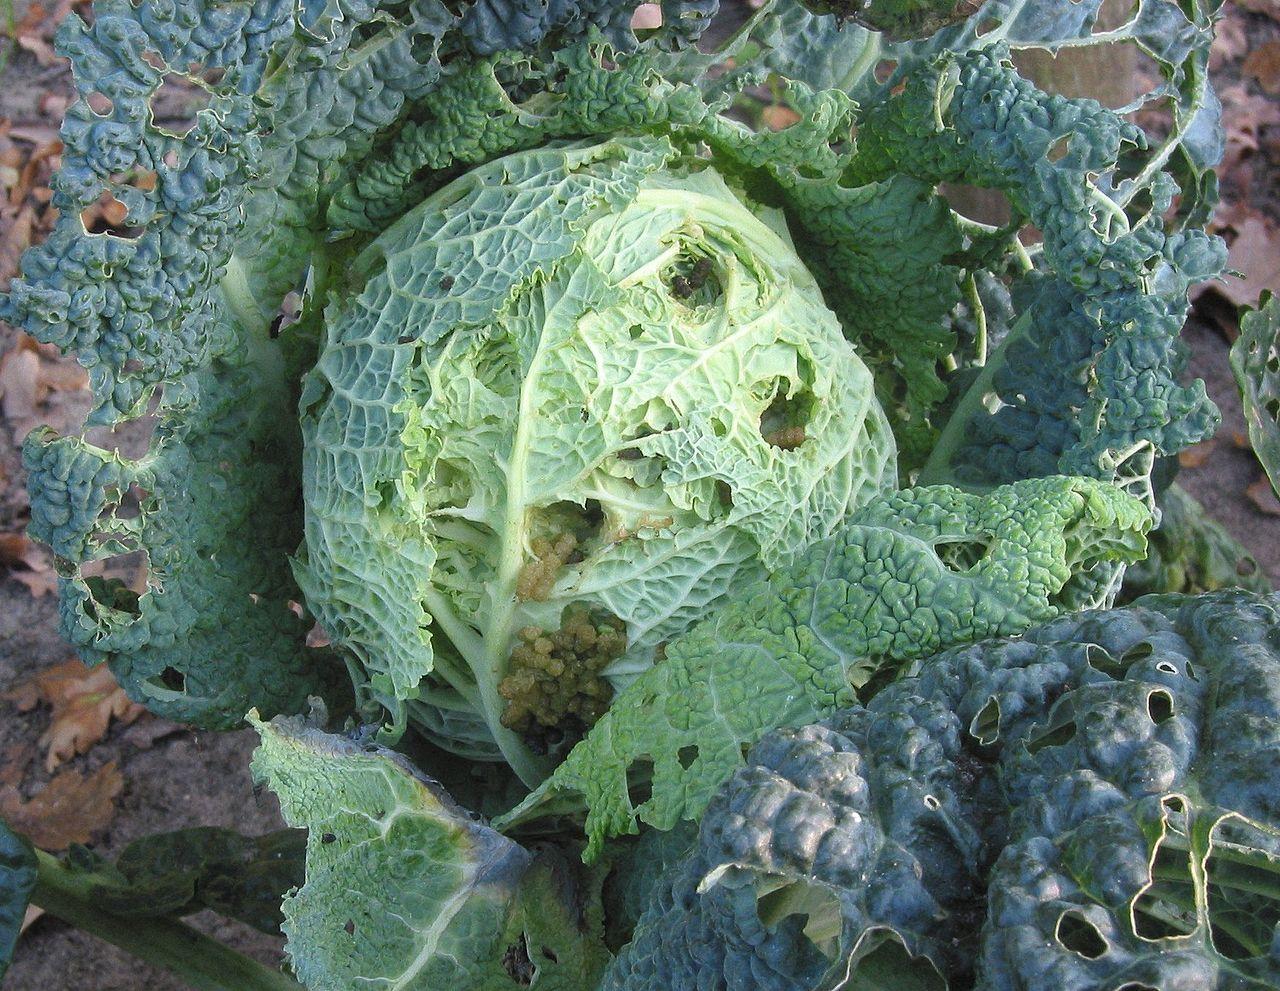 Mora kapustová (Mamestra brassicae) - húsenice na kapuste